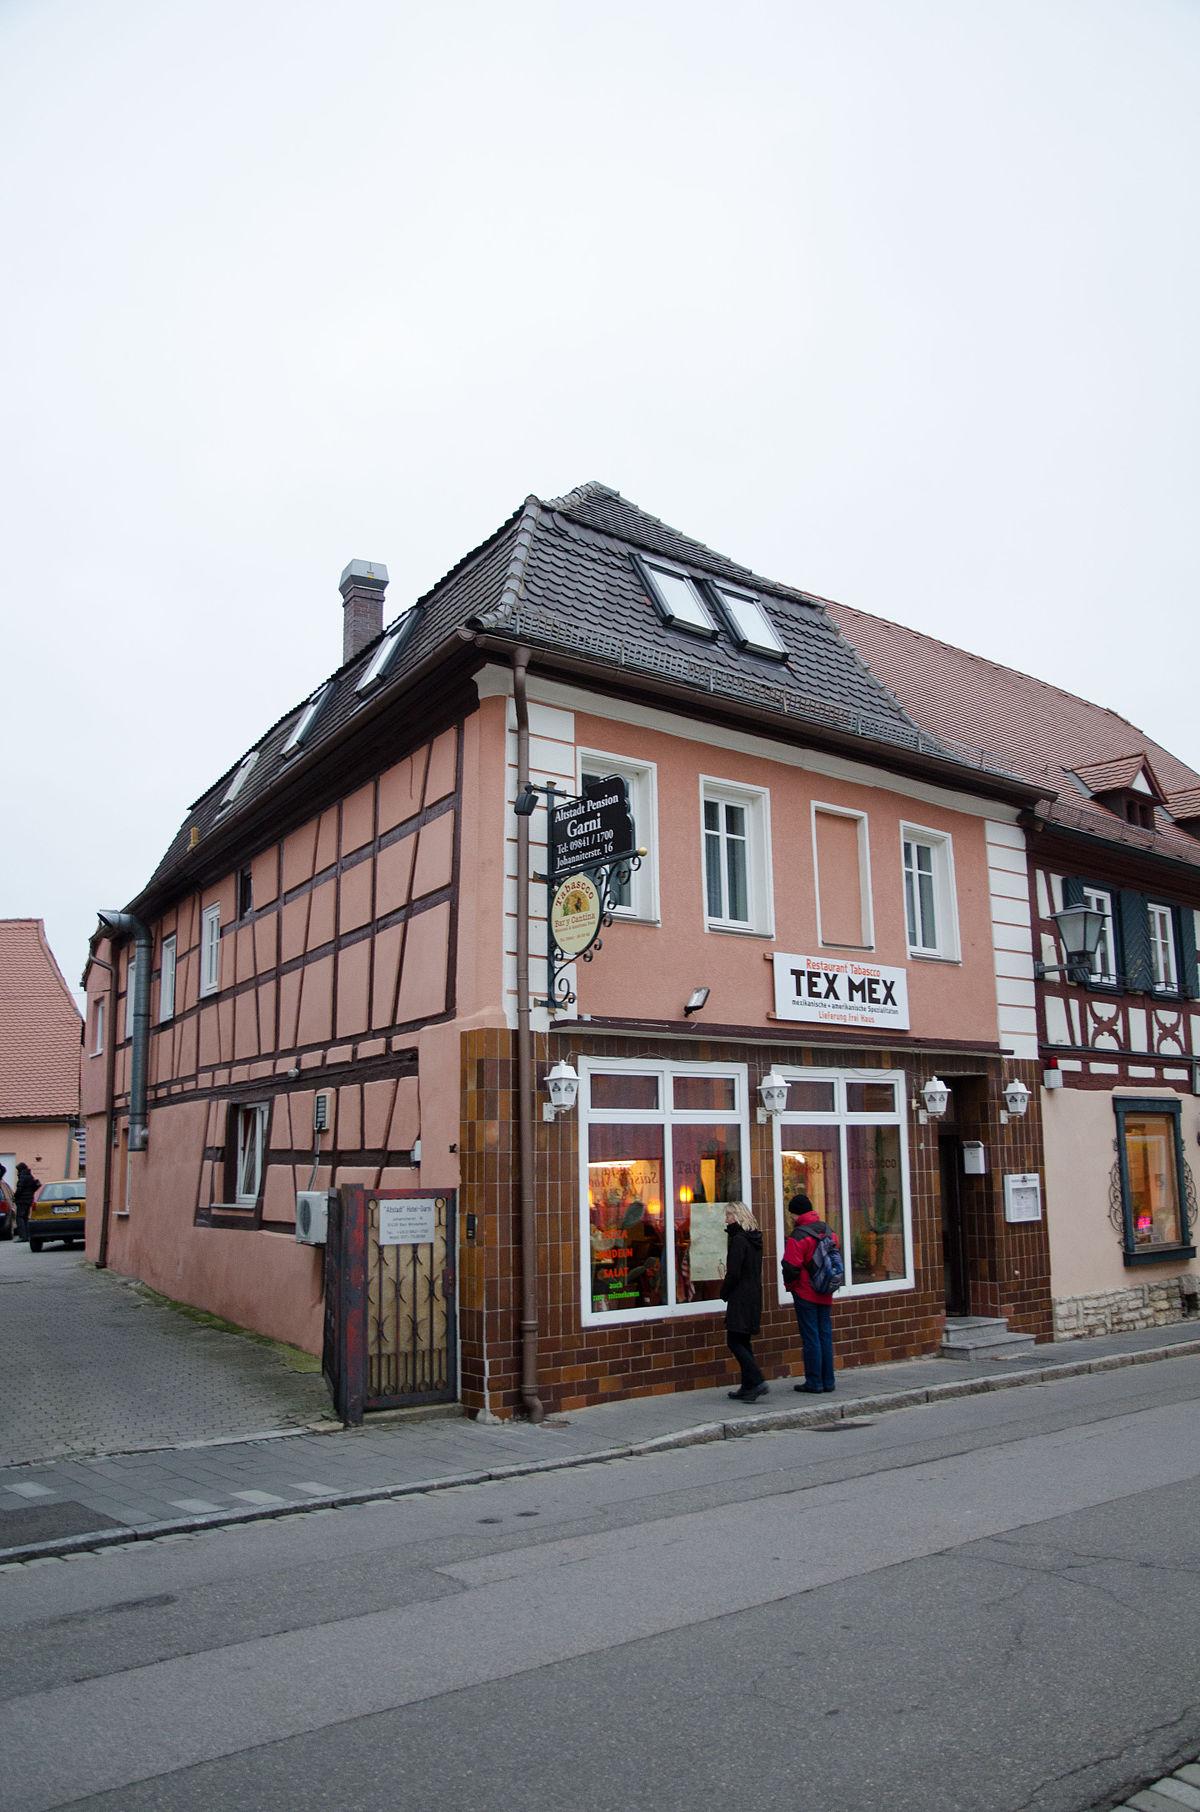 Full Size of Hotel Bad Windsheim Johanniterstrac39fe 16 002jpg Thermen Clubhotel Füssing Harzburg Ferienwohnung Astoria Jagdhof Allendorf Langensalza Oeynhausen Lüftung Bad Hotel Bad Windsheim